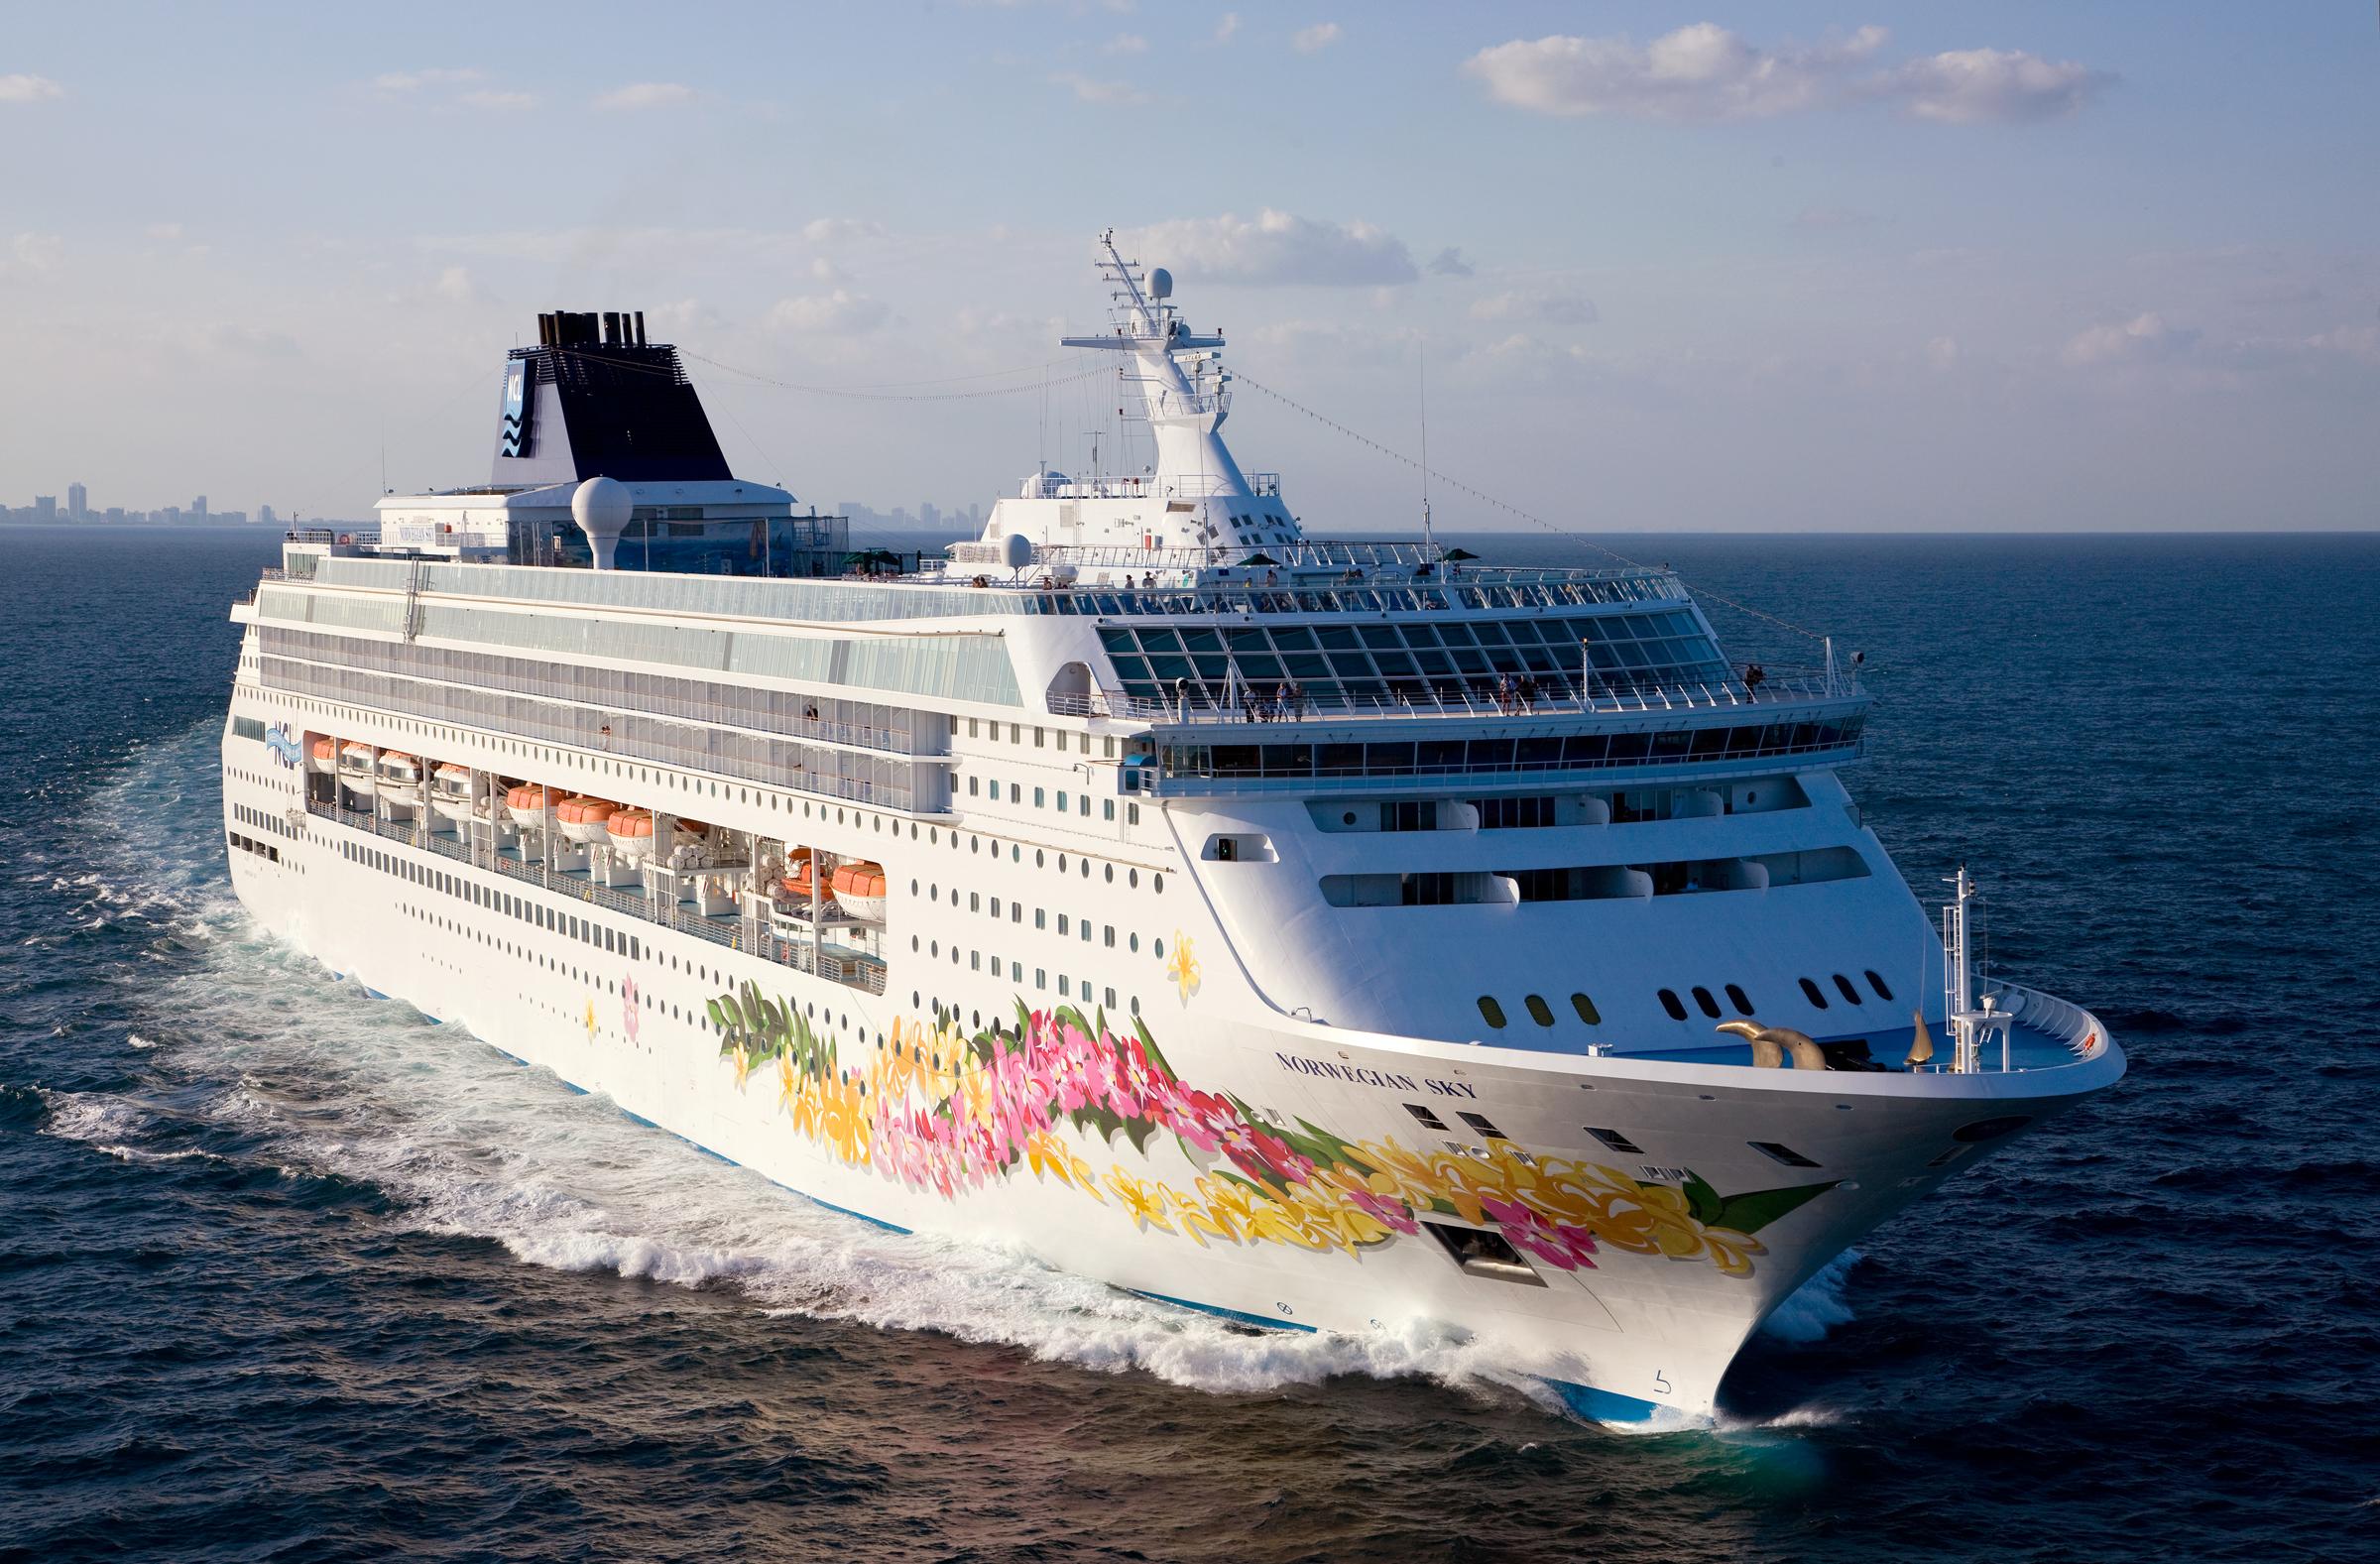 Norwegian Sky innfører gratis alkoholholdige drikke om bord. Foto: Norwegian Cruiseline